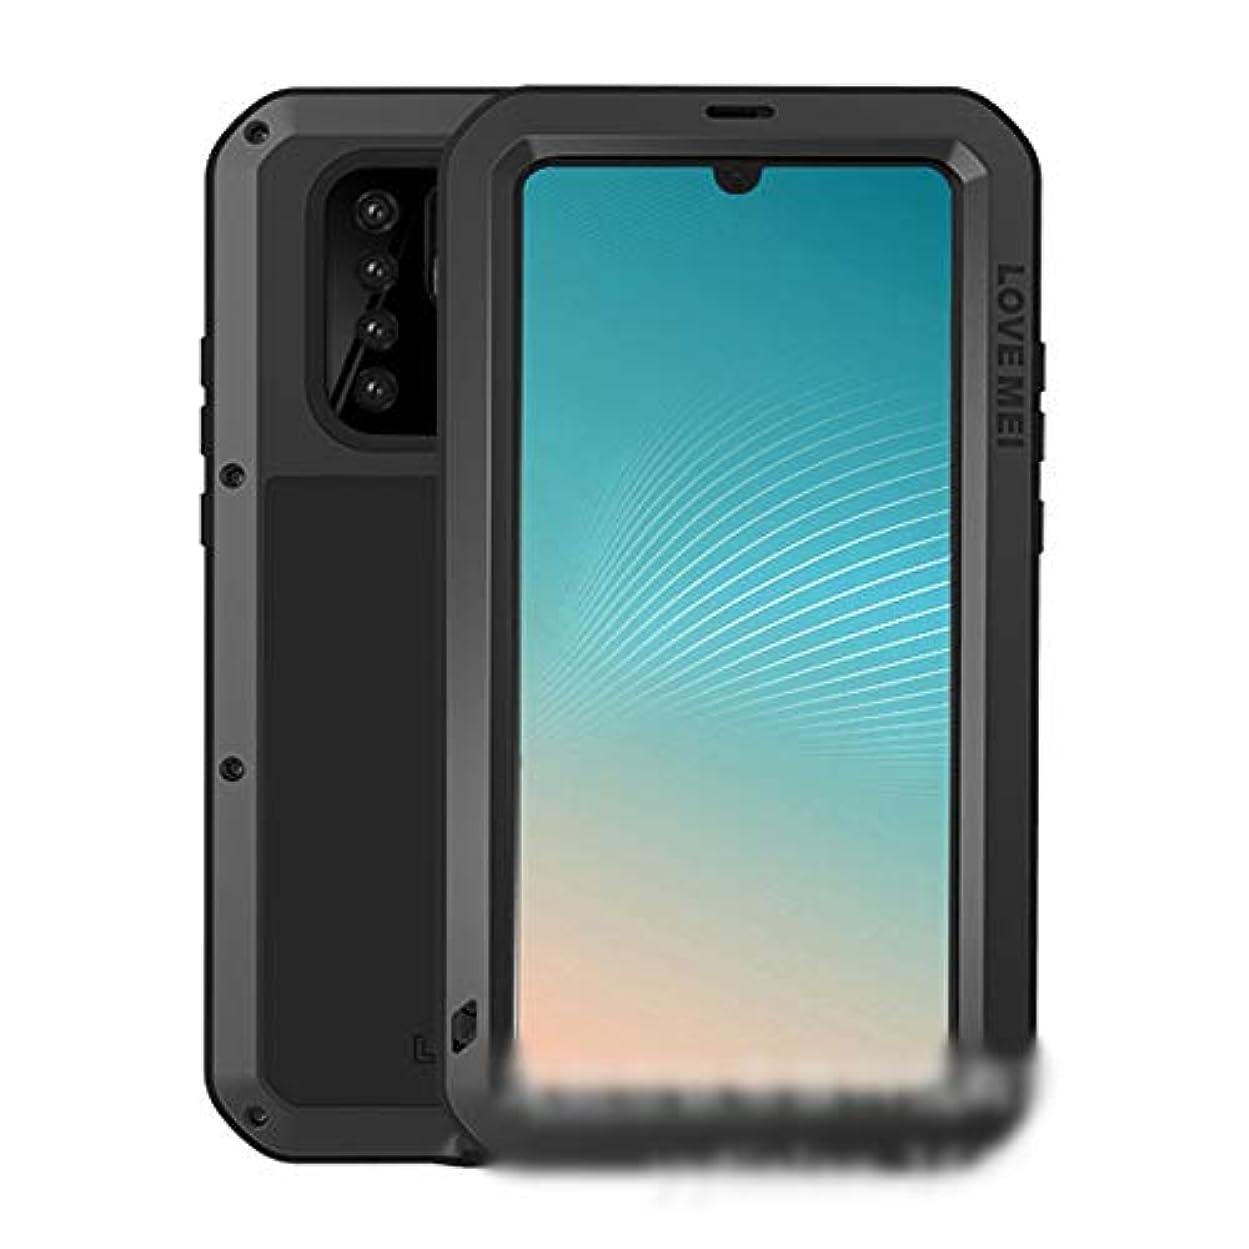 可能性くぼみ充電Tonglilili 電話ケース、Huawei P20、P20 Pro、P30 Pro、P30、Mate10、Mate10 Pro、P30 Lite、Nova 4e、Mate20、Mate20 Pro、Mate20 Lite、Mate10 Pro用の3つの抗携帯電話シェルメタルドロップ保護スリーブ新しい電話ケース、Mate10、Nova 4、P20 Lite、Nova 3e